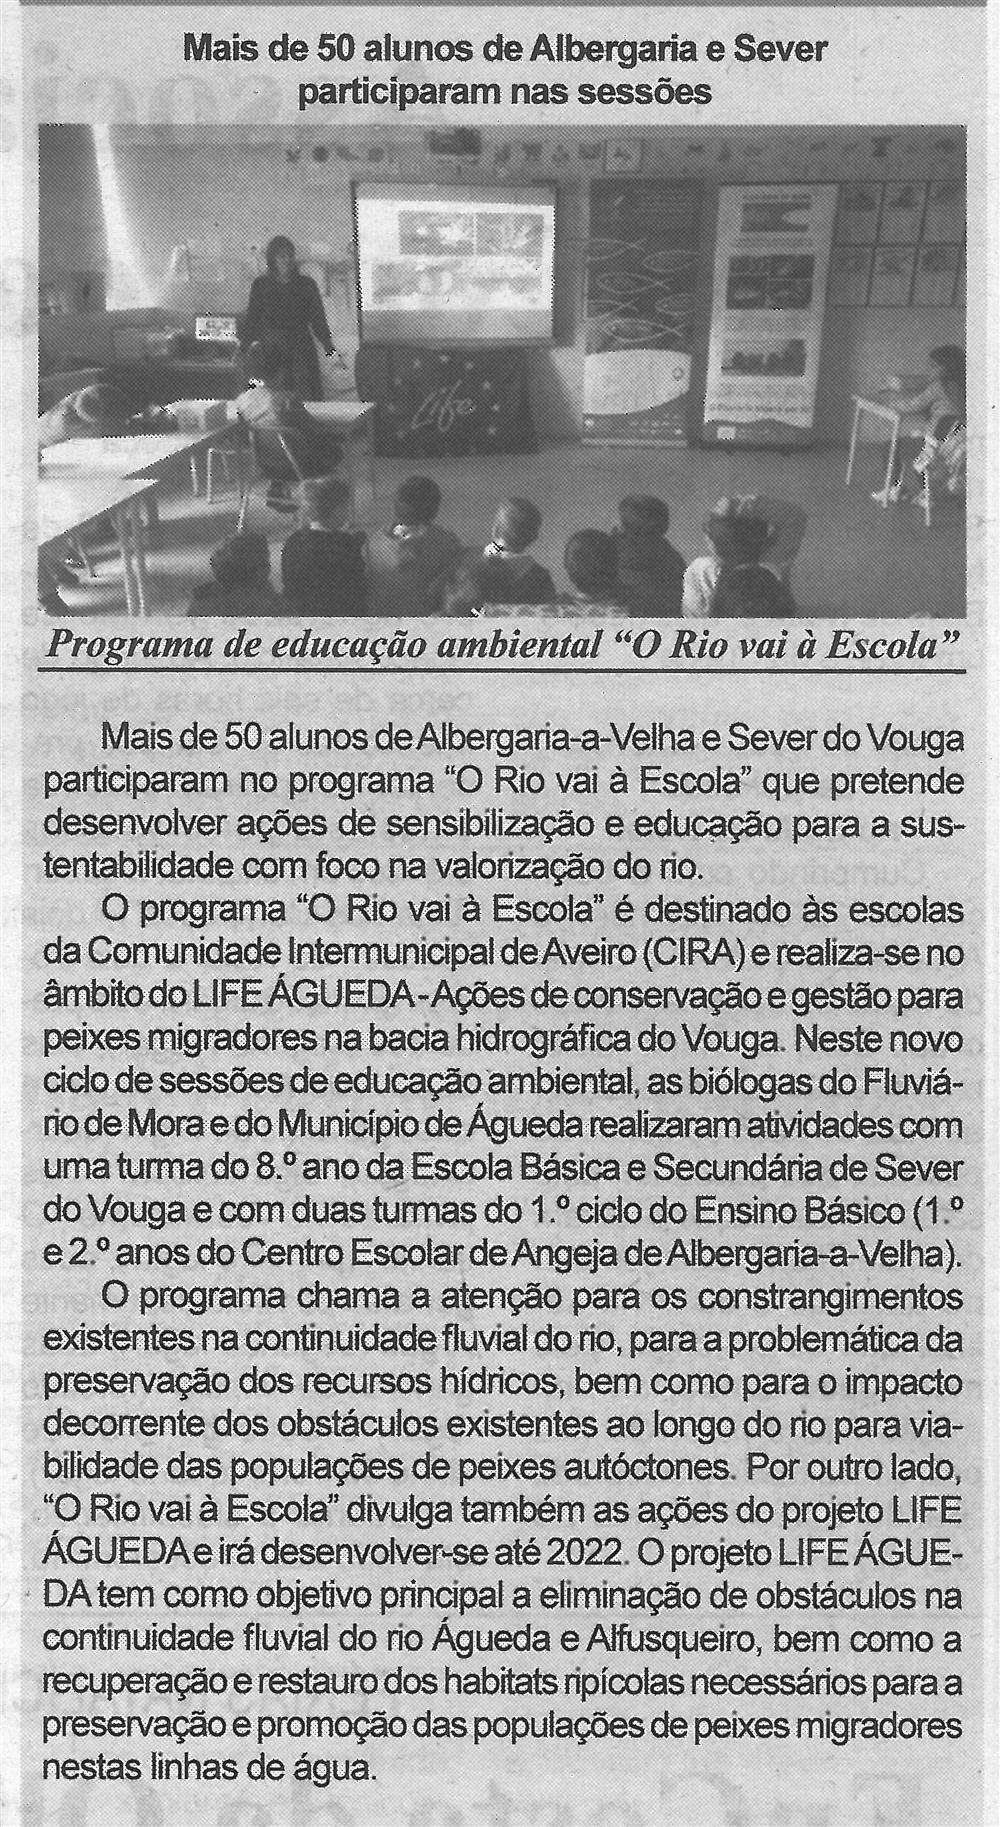 BV-2.ªjan.'20-p.7-Mais de 50 alunos de Albergaria e Sever participaram nas sessões : programa de educação ambiental 'O rio vai à escola'.jpg